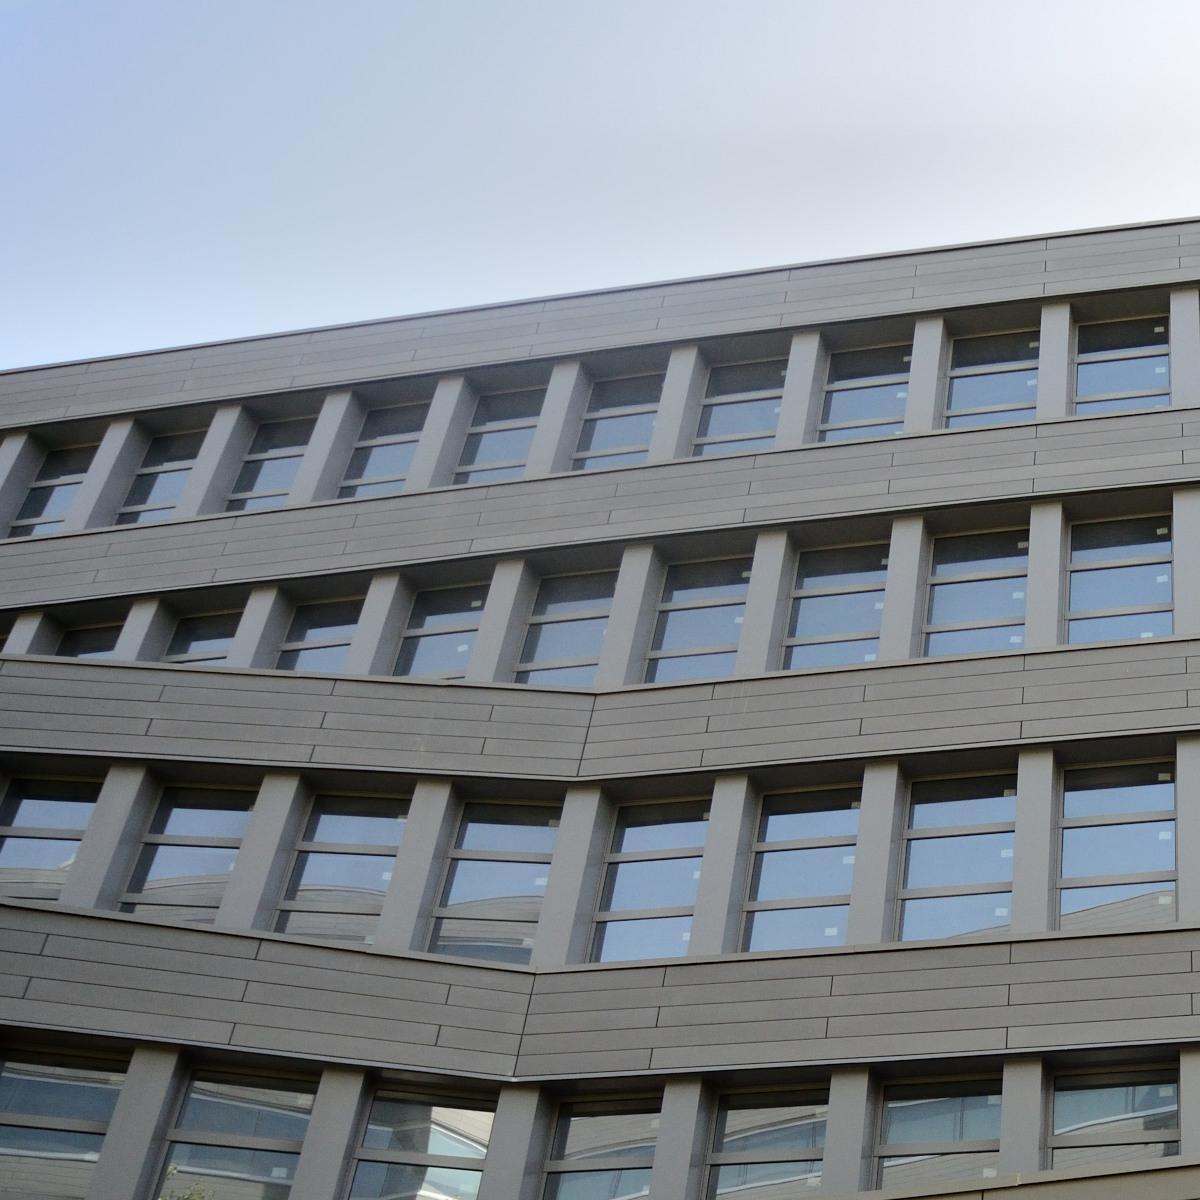 A imutabilidade da decisão administrativa de arquivamento de Procedimento Investigatório Criminal - PIC, em feitos de competência originária, no âmbito do Ministério Público do Estado de Minas Gerais